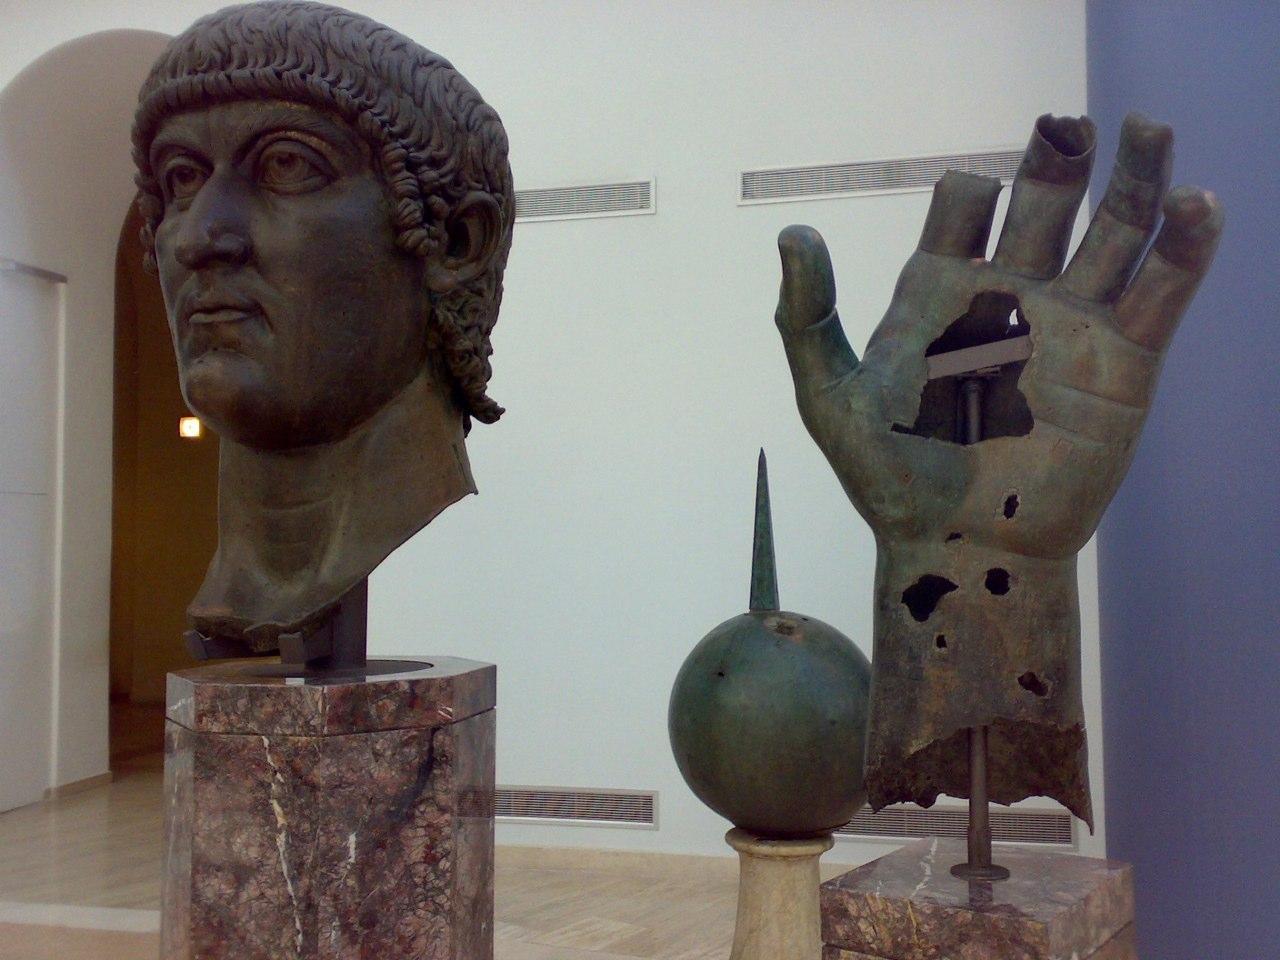 scipio dating Publius cornelius scipio 'salvito' was a consul who lived in the late roman republic he was a member of the cornelia gens and a relative of scipio africanus, the roman.